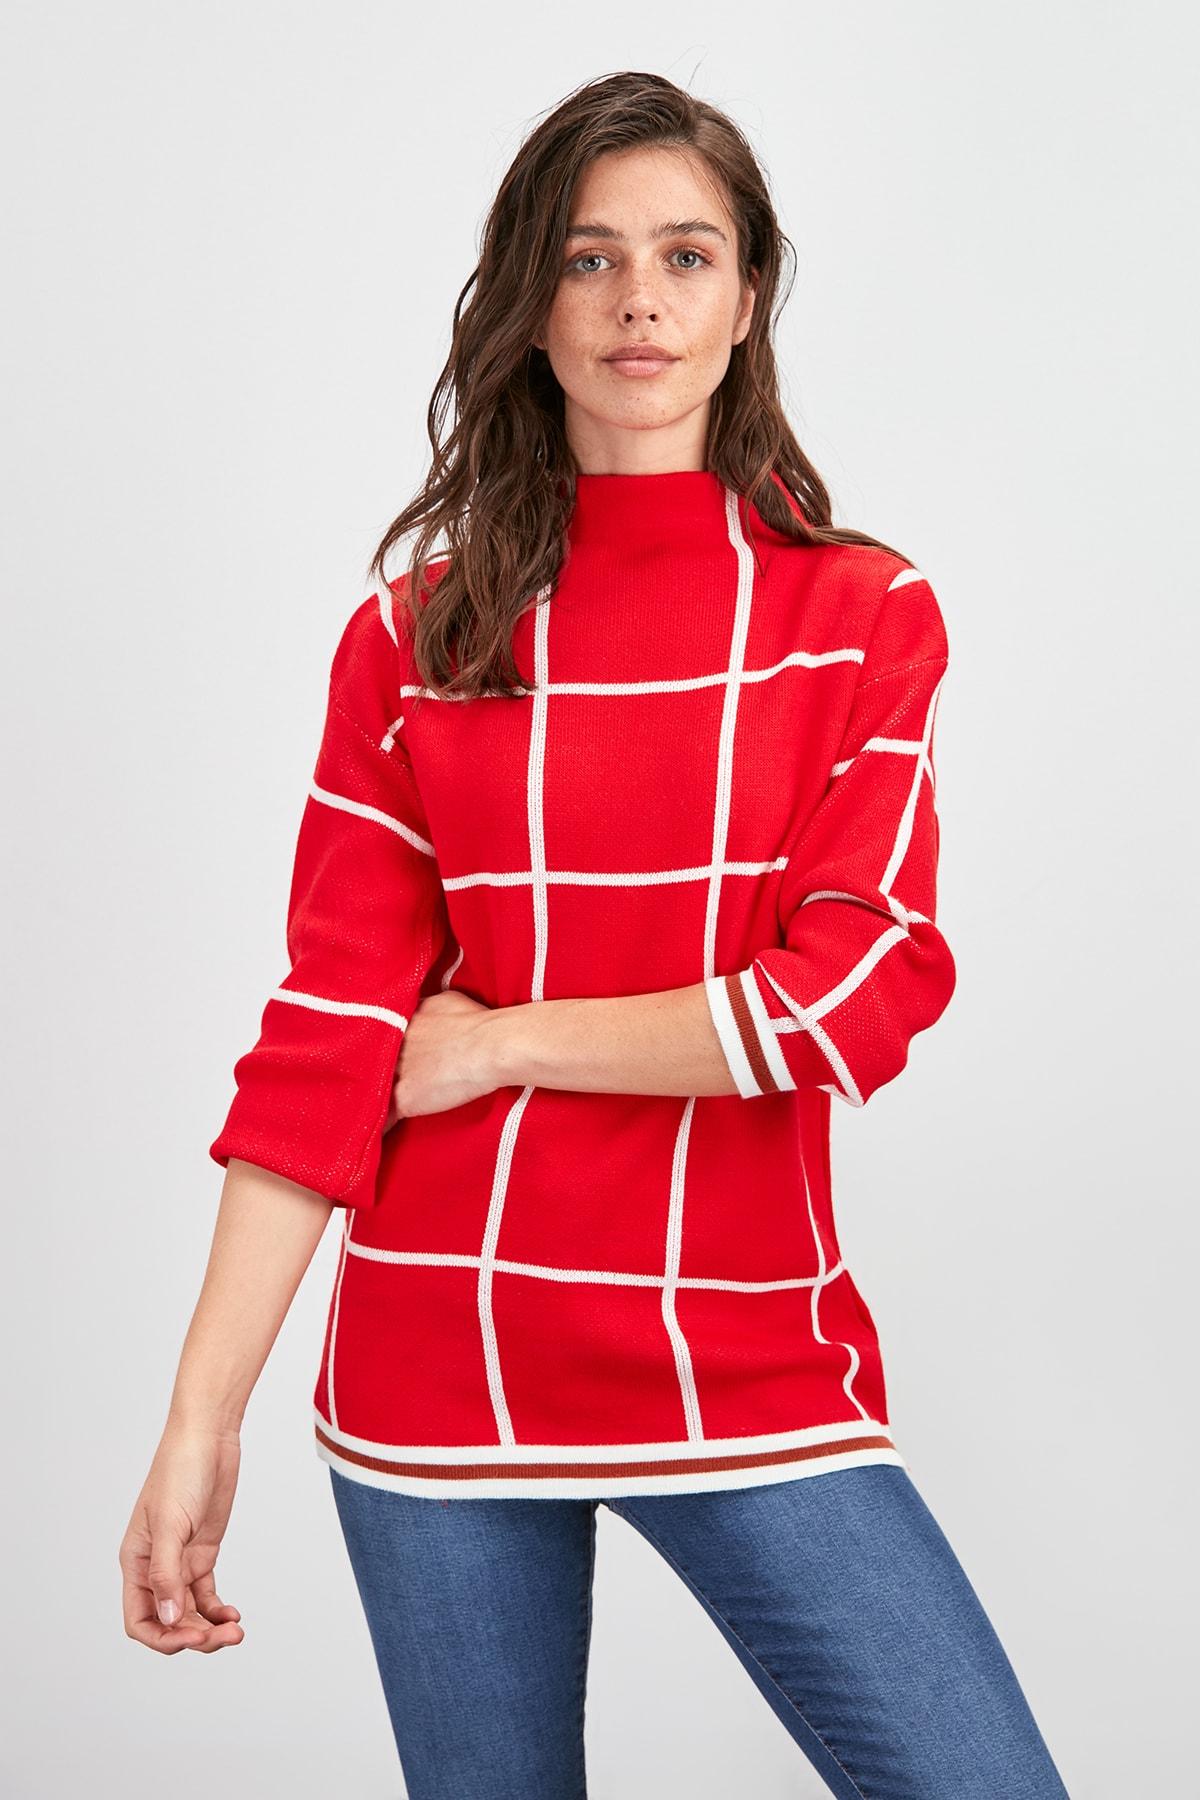 Trendyol Grid Pattern Knitwear Sweater TWOAW20KZ1391